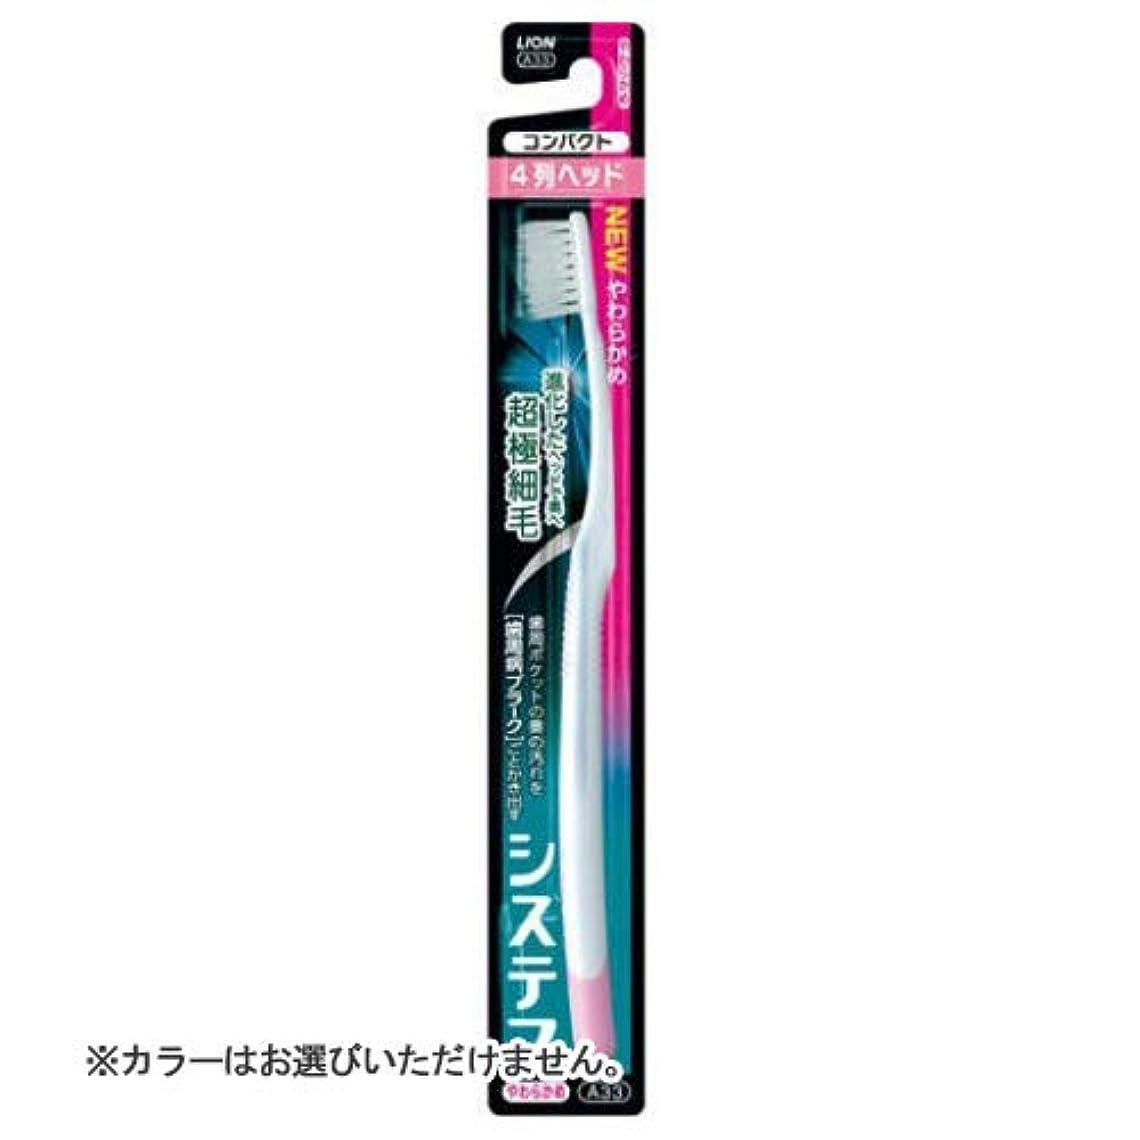 利得未来拡声器ライオン システマ ハブラシ コンパクト4列 やわらかめ (1本) 大人用 歯ブラシ